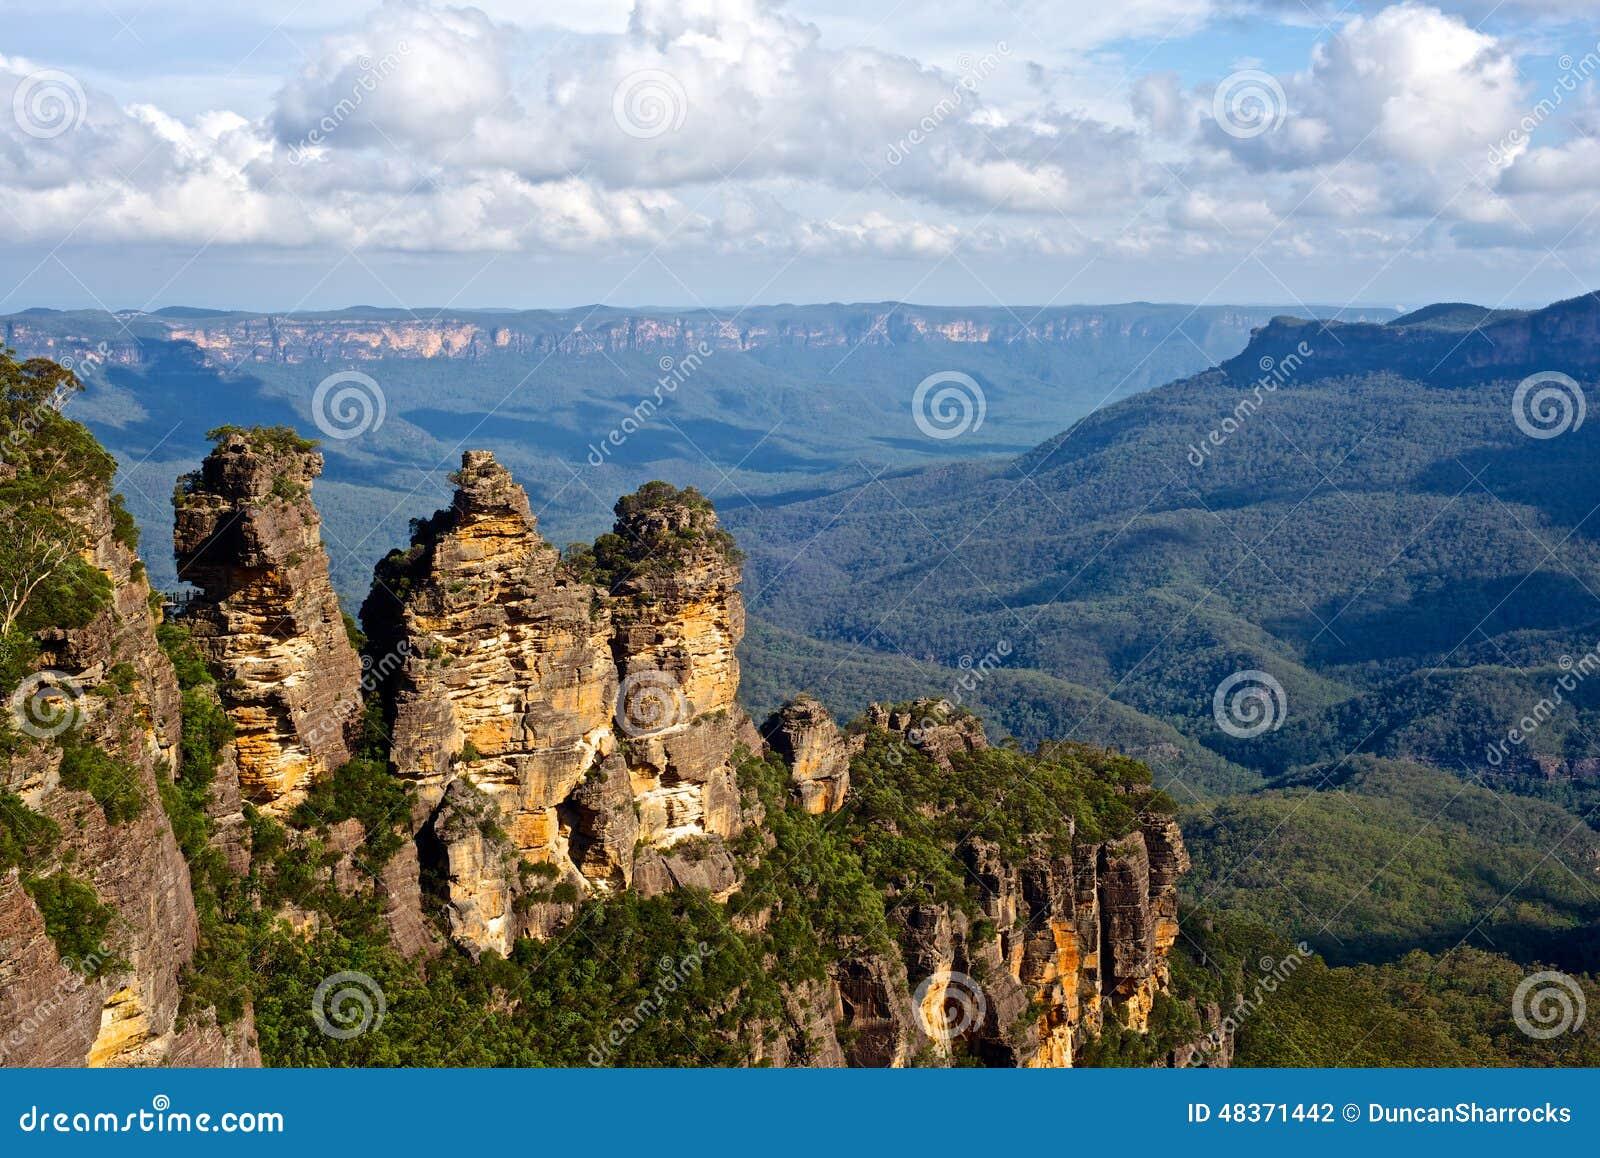 Les trois soeurs, montagnes bleues, Nouvelle-Galles du Sud, Australie